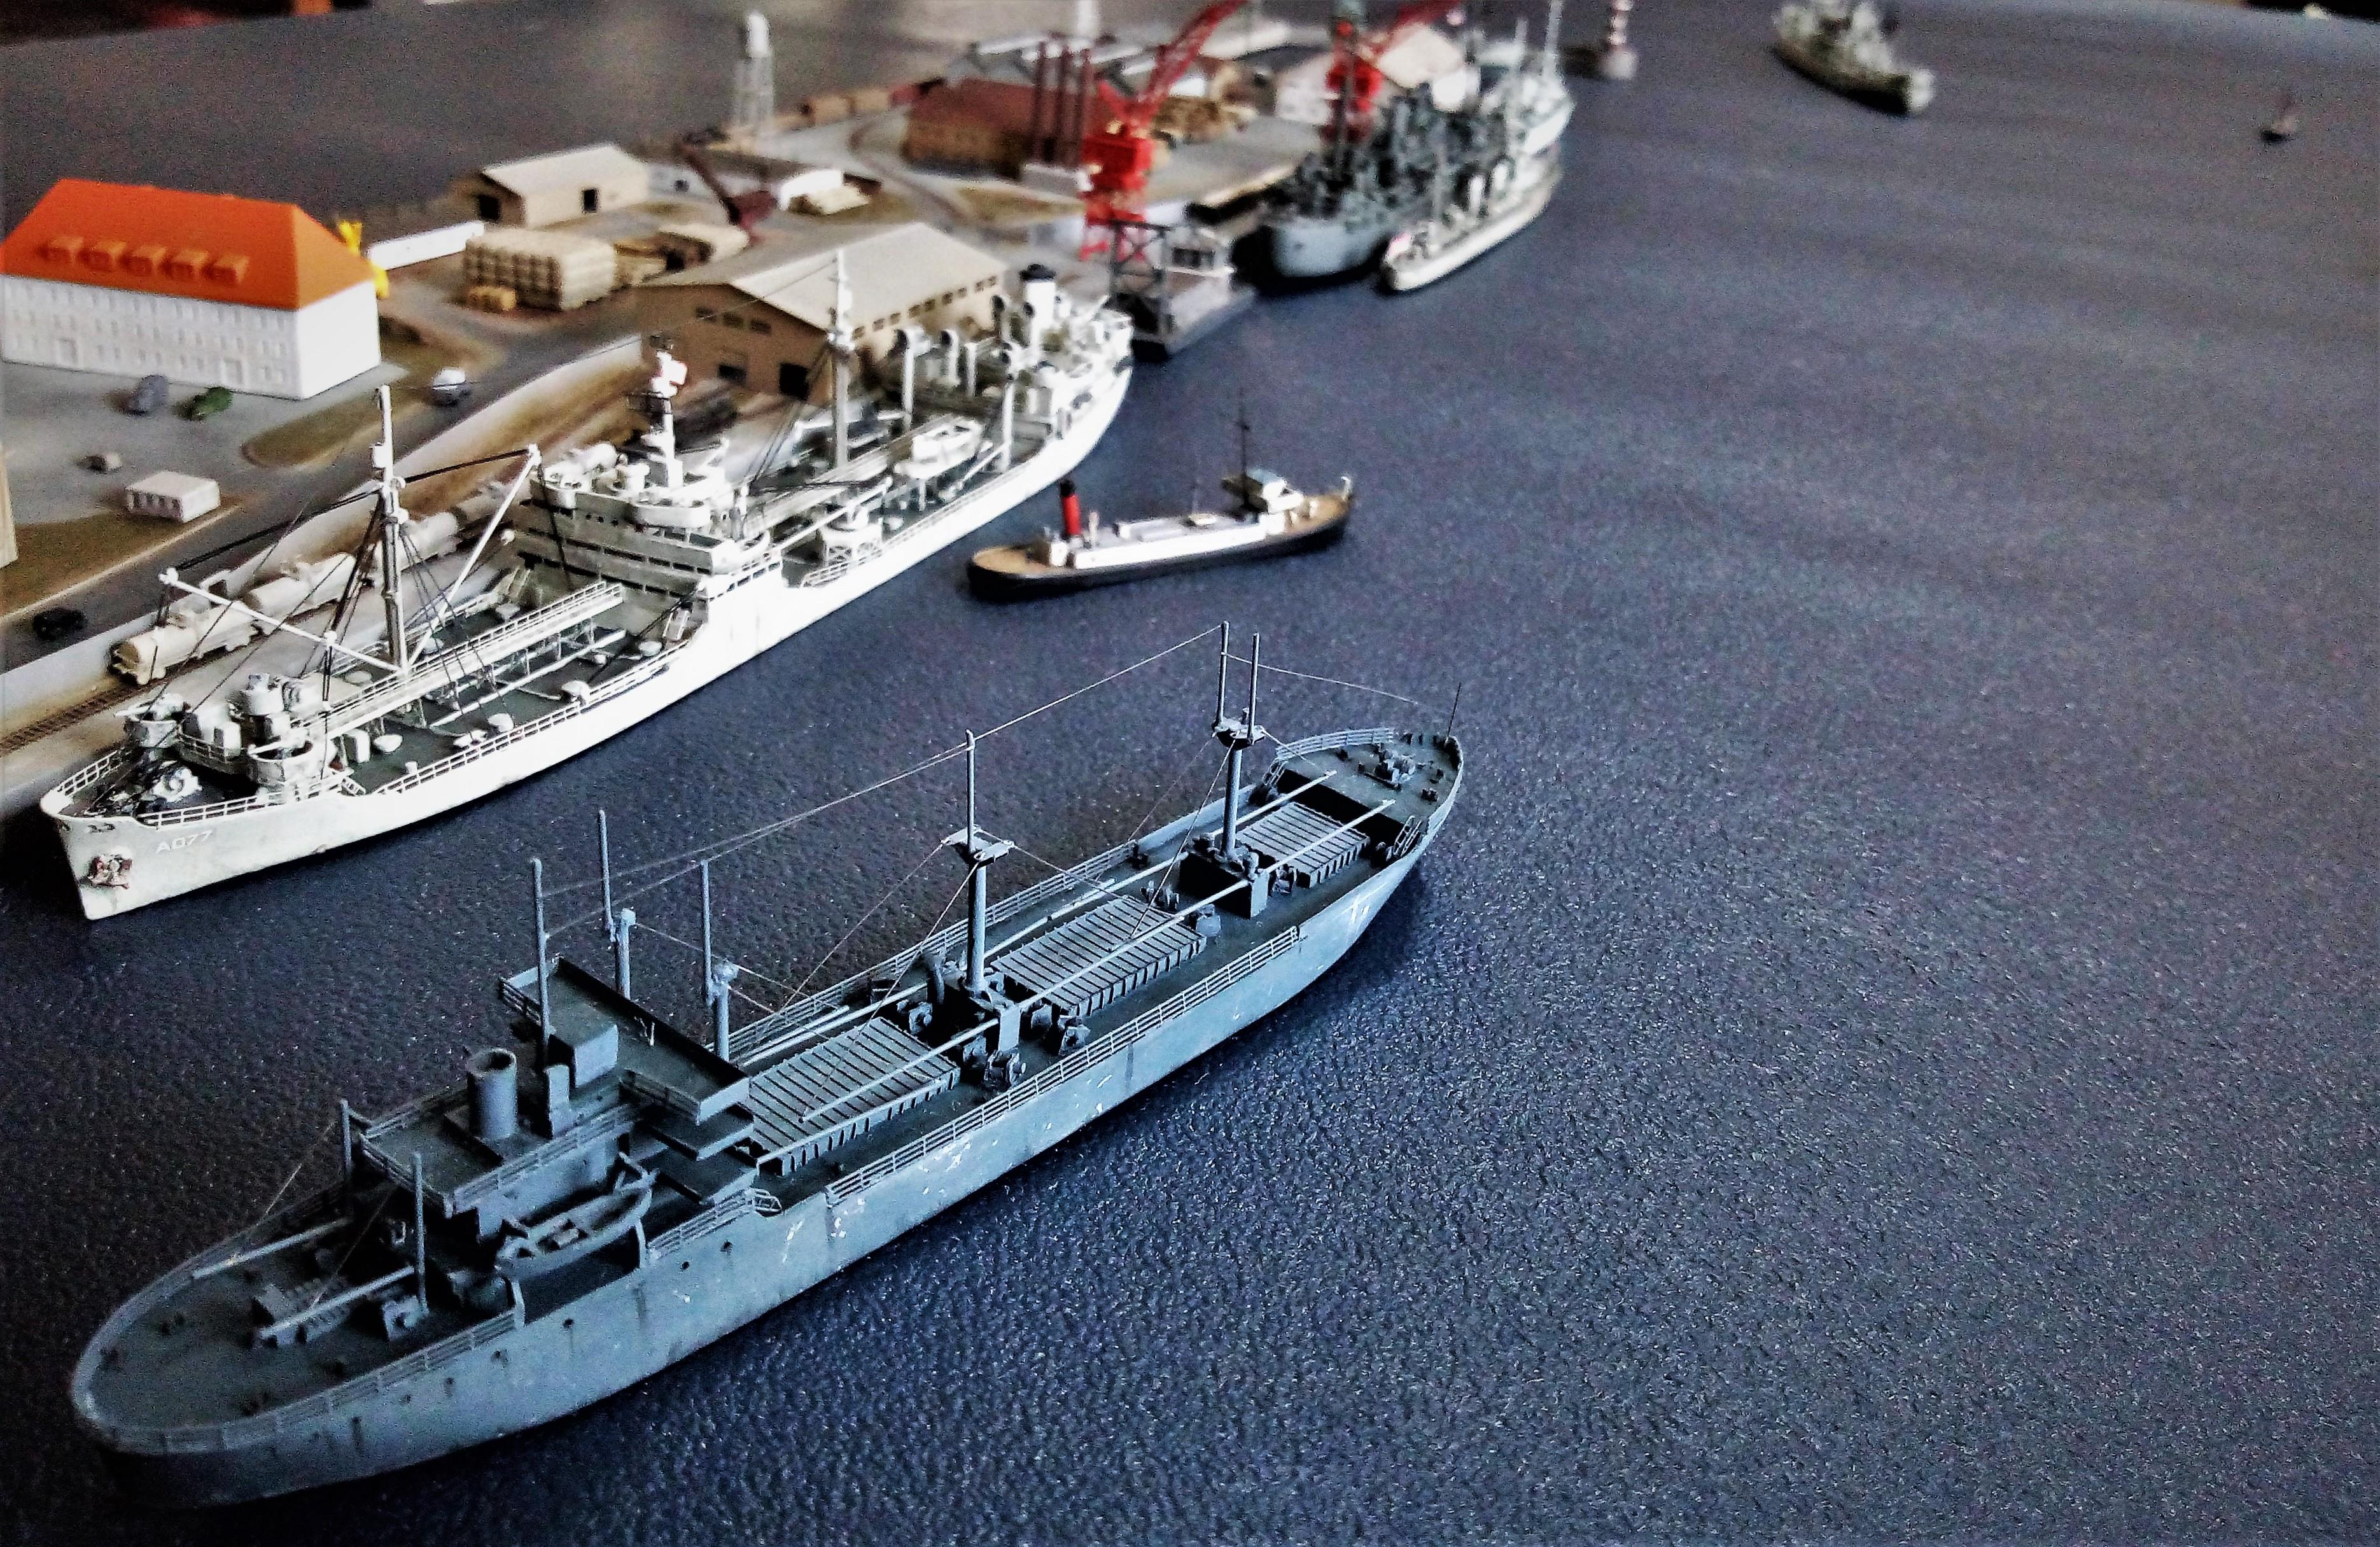 Diorama base navale 1/700 par Nesquik - Page 4 FtBze7Lq